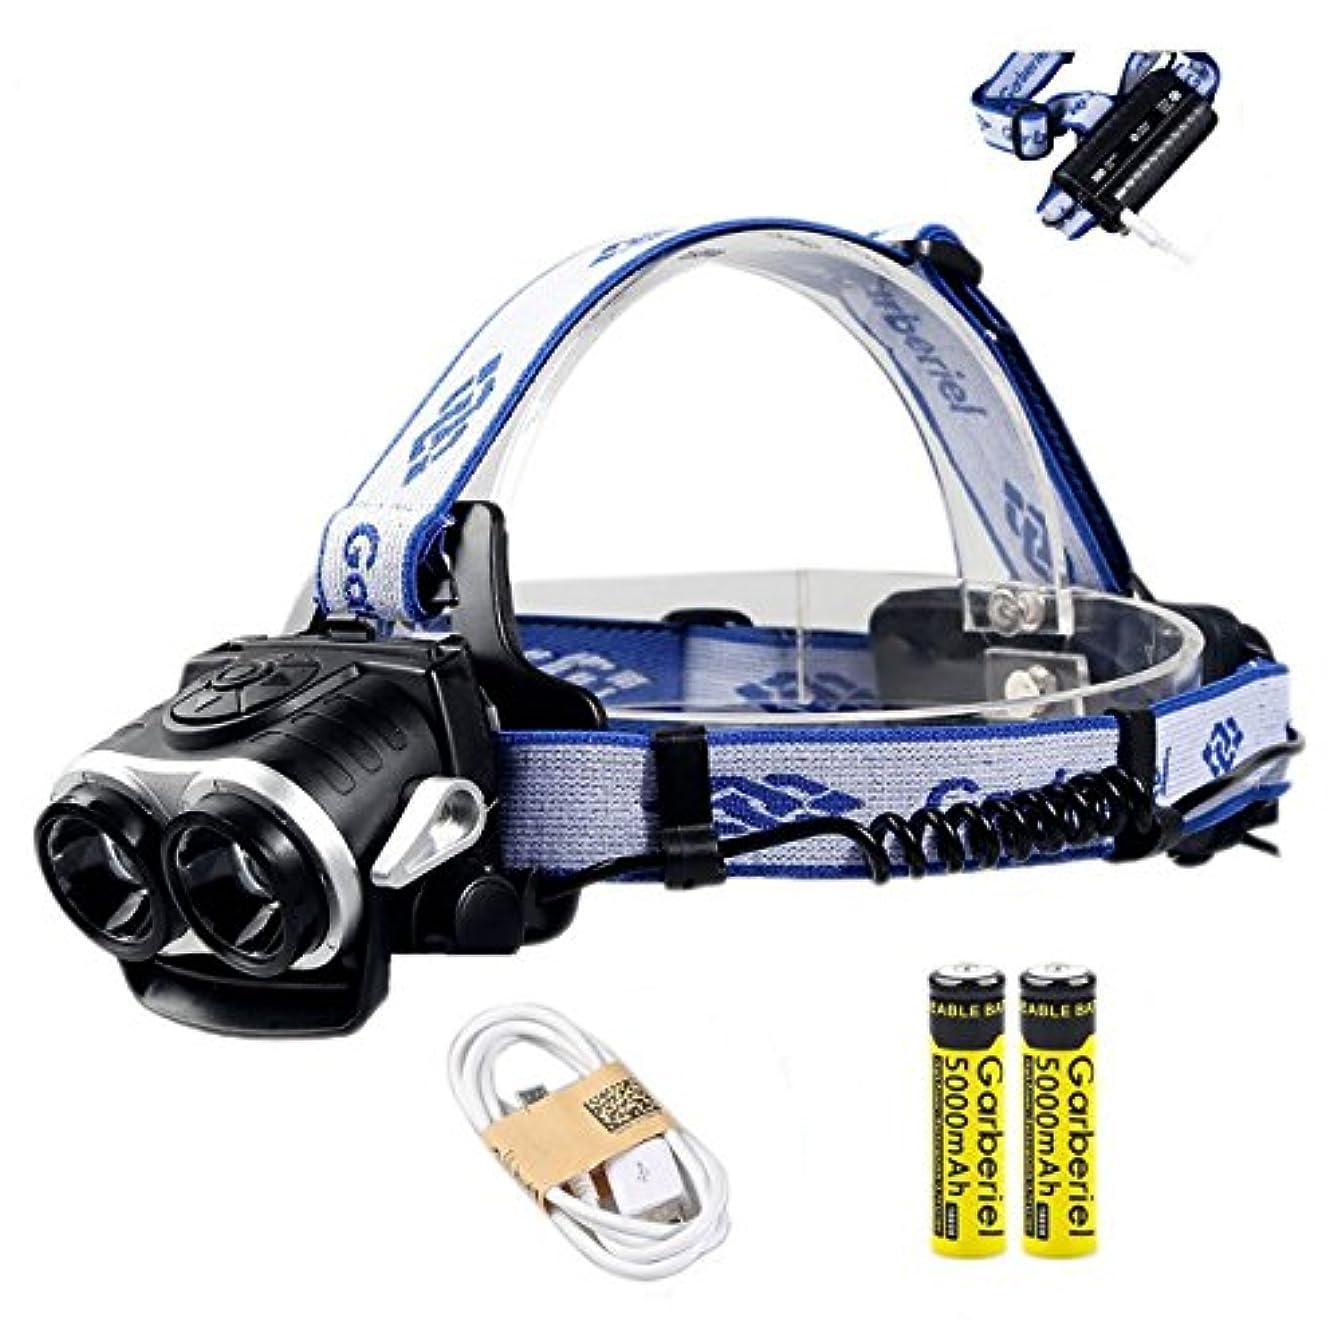 厚いシステムダニ超高輝度 3000ルーメン 充電式 防水仕様 18650電池&充電器付属 2灯式 3段階の点灯モード 登山 夜釣り アウトドア作業 SOSフラッシュ機能